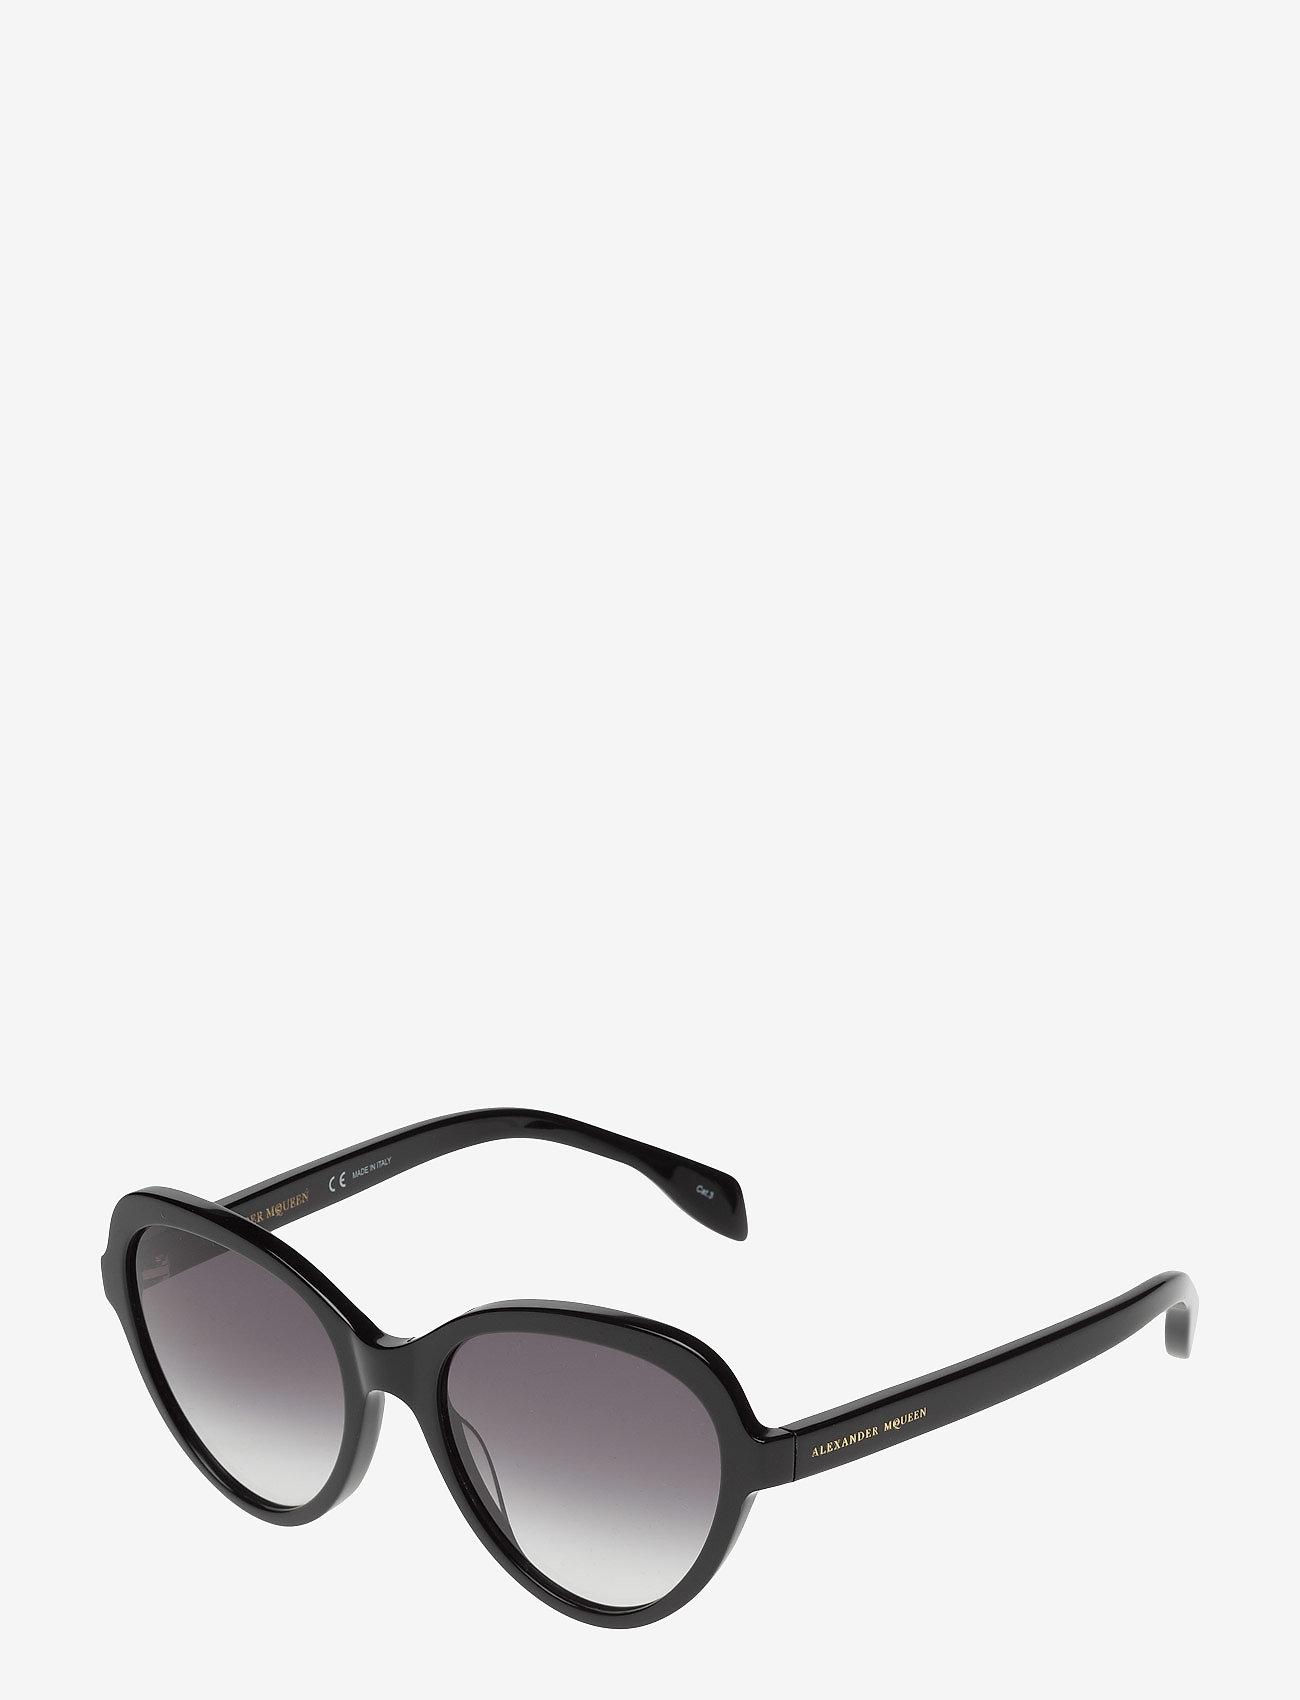 Alexander McQueen Eyewear AM0029S - Okulary przeciwsłoneczne BLACK-BLACK-GREY - Akcesoria